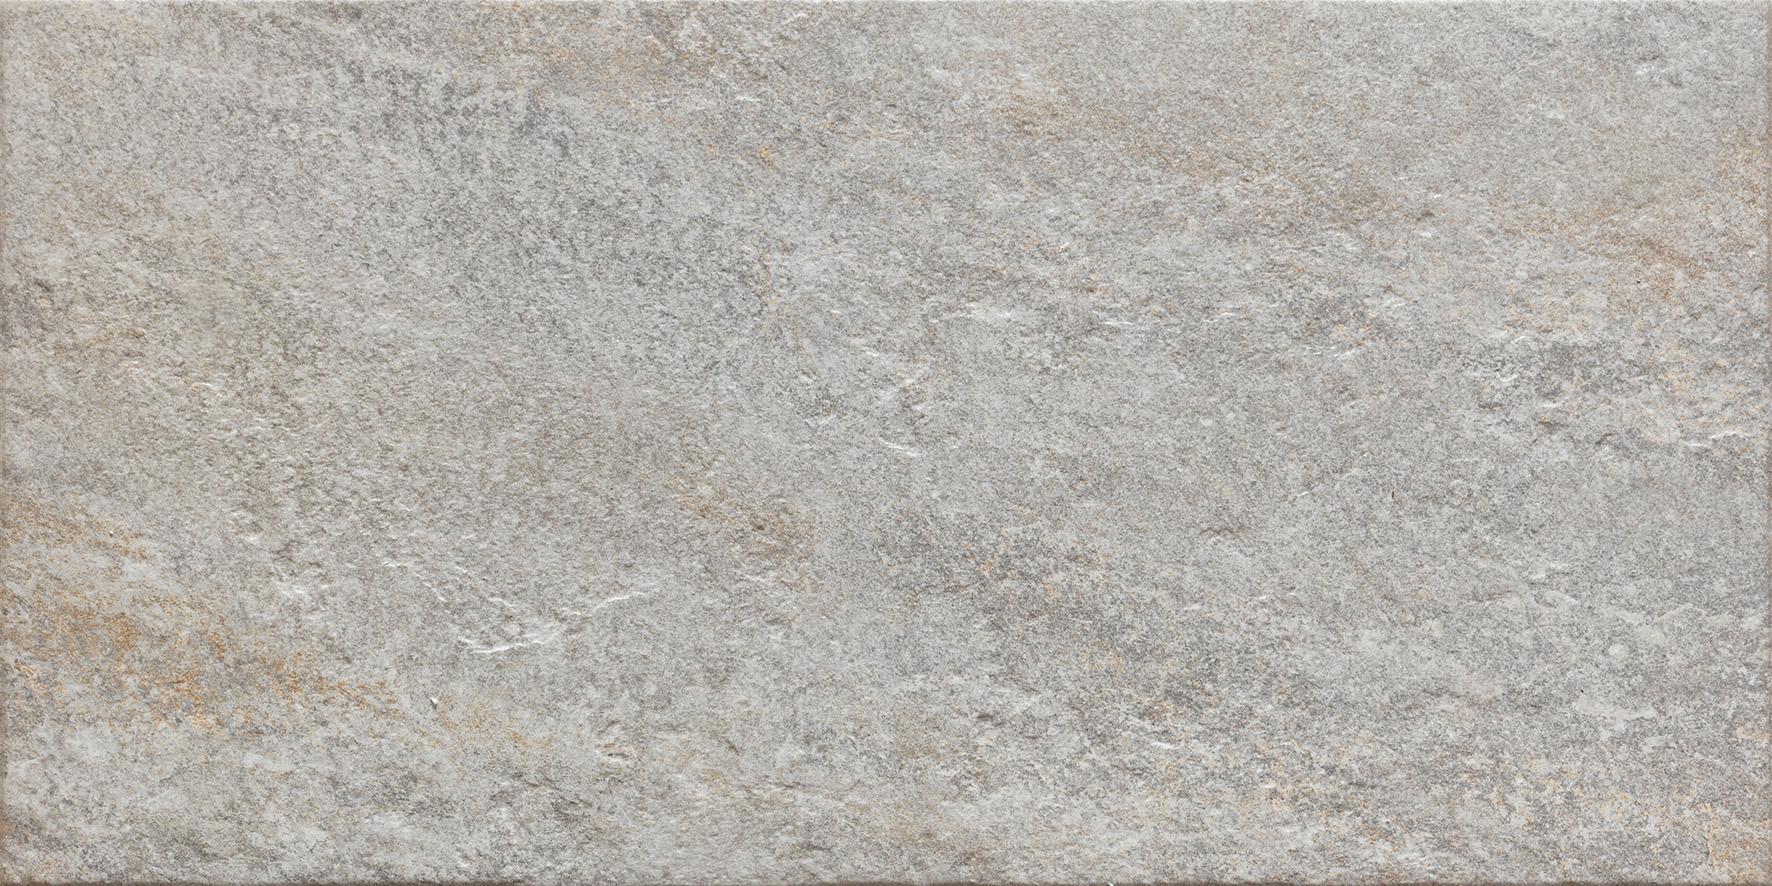 30x60,4 Stones Steel